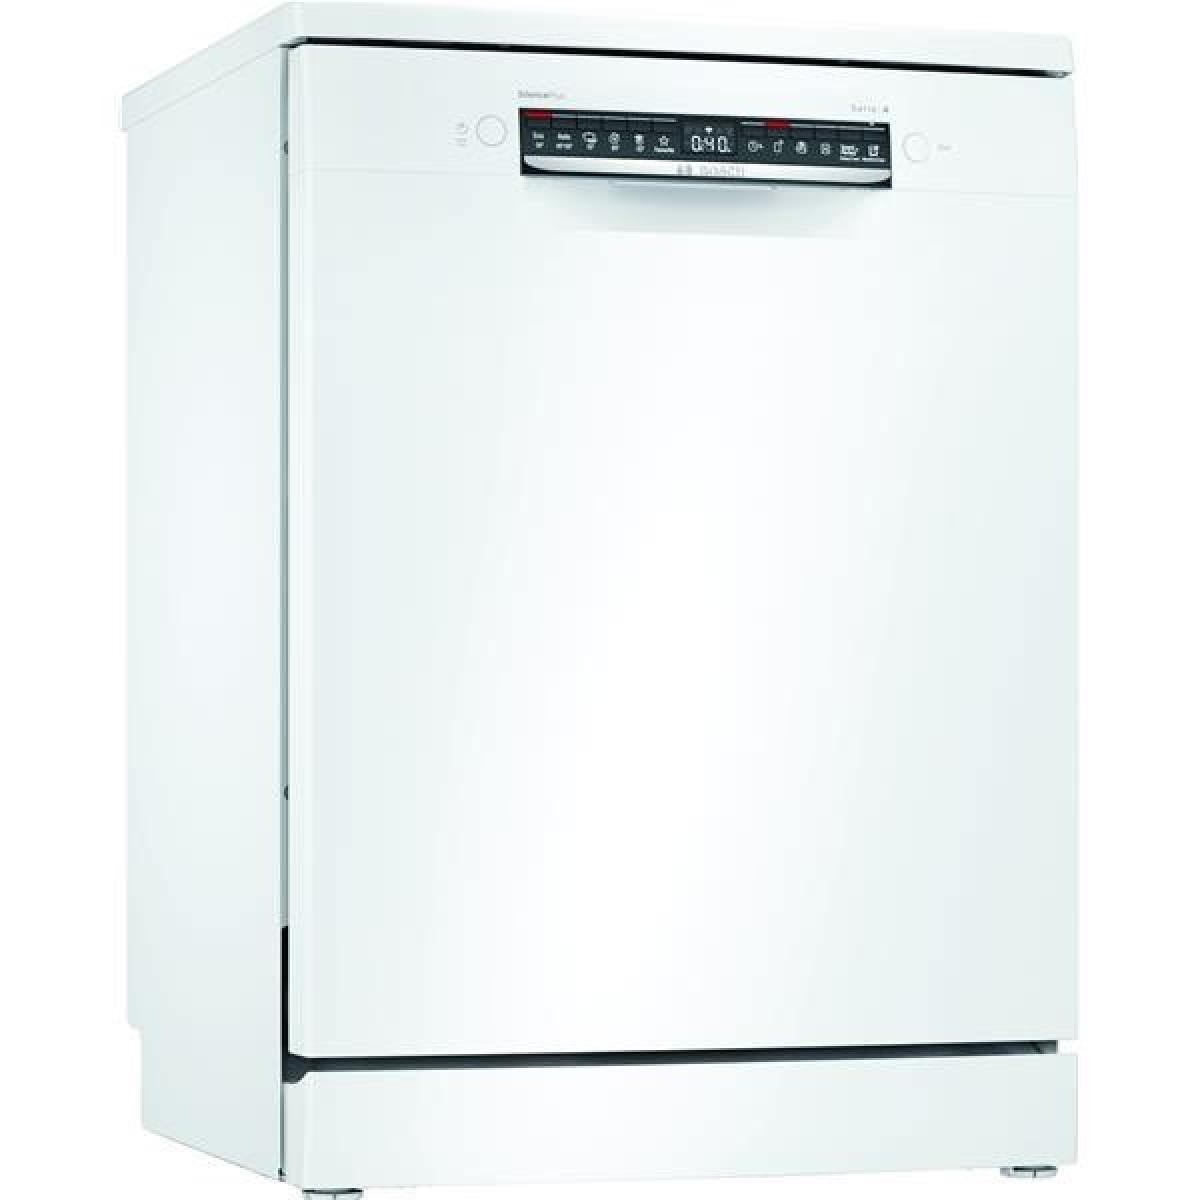 Bosch Lave-vaisselle pose libre BOSCH 12 Couverts 60cm, SMS4ETW14E